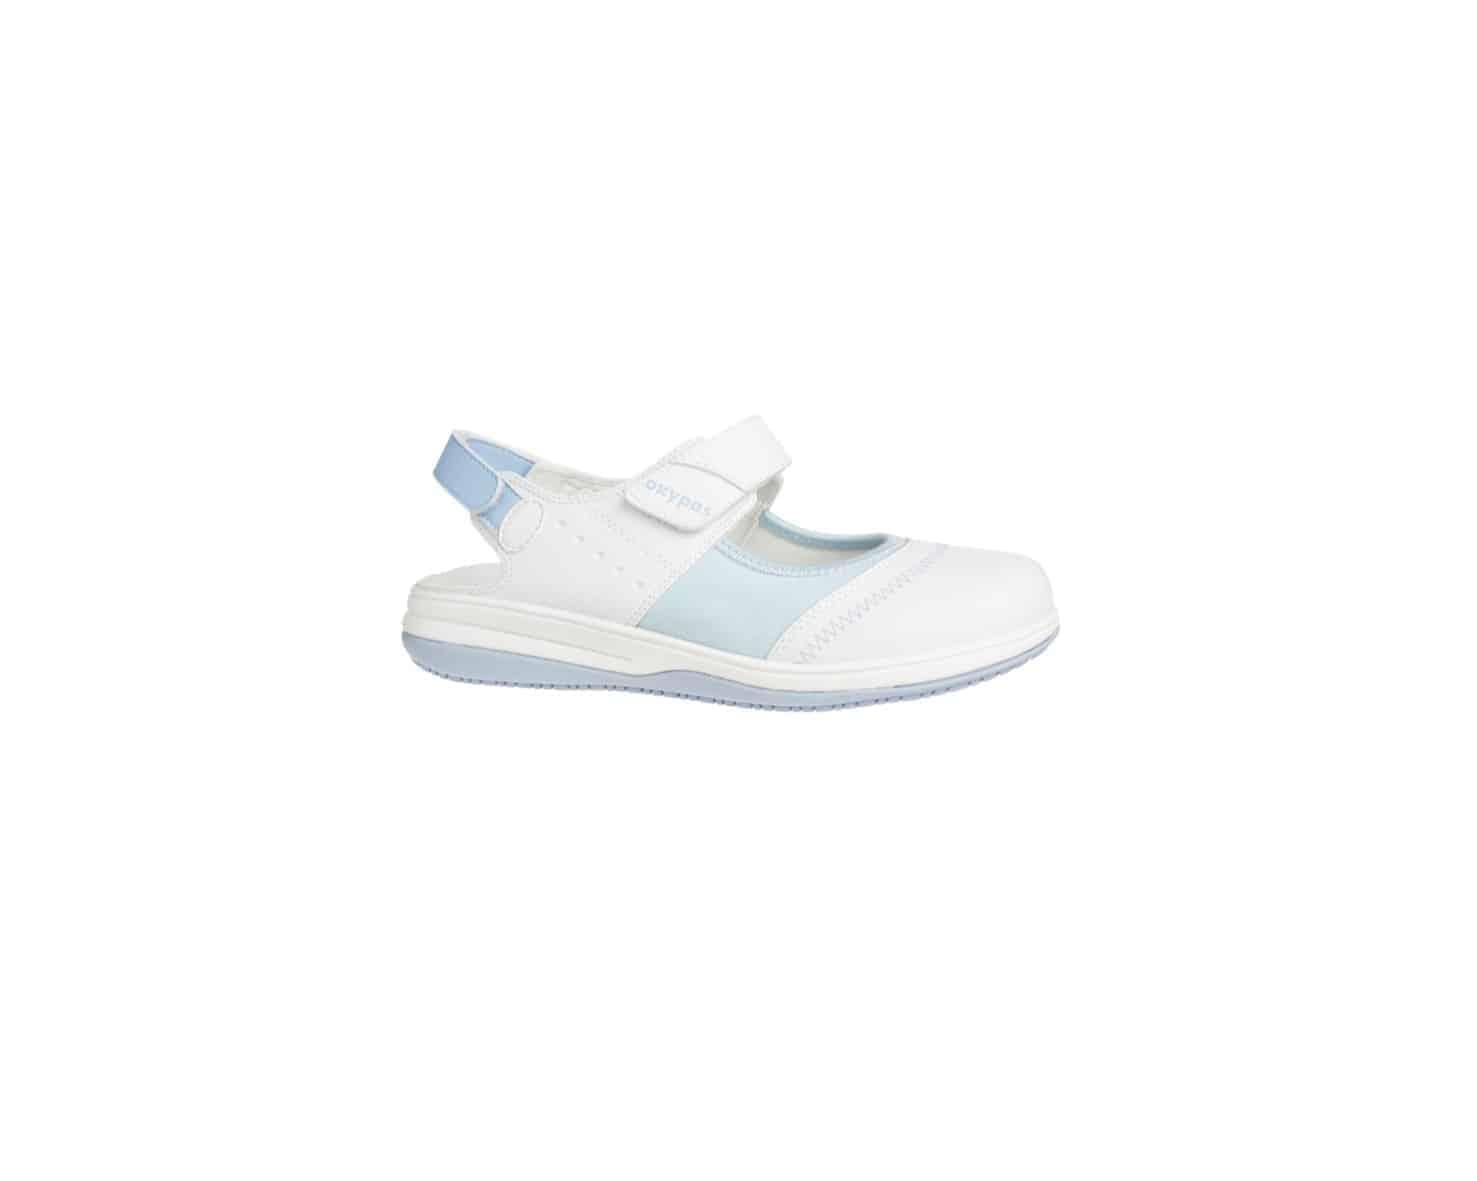 White with Light Blue Trim